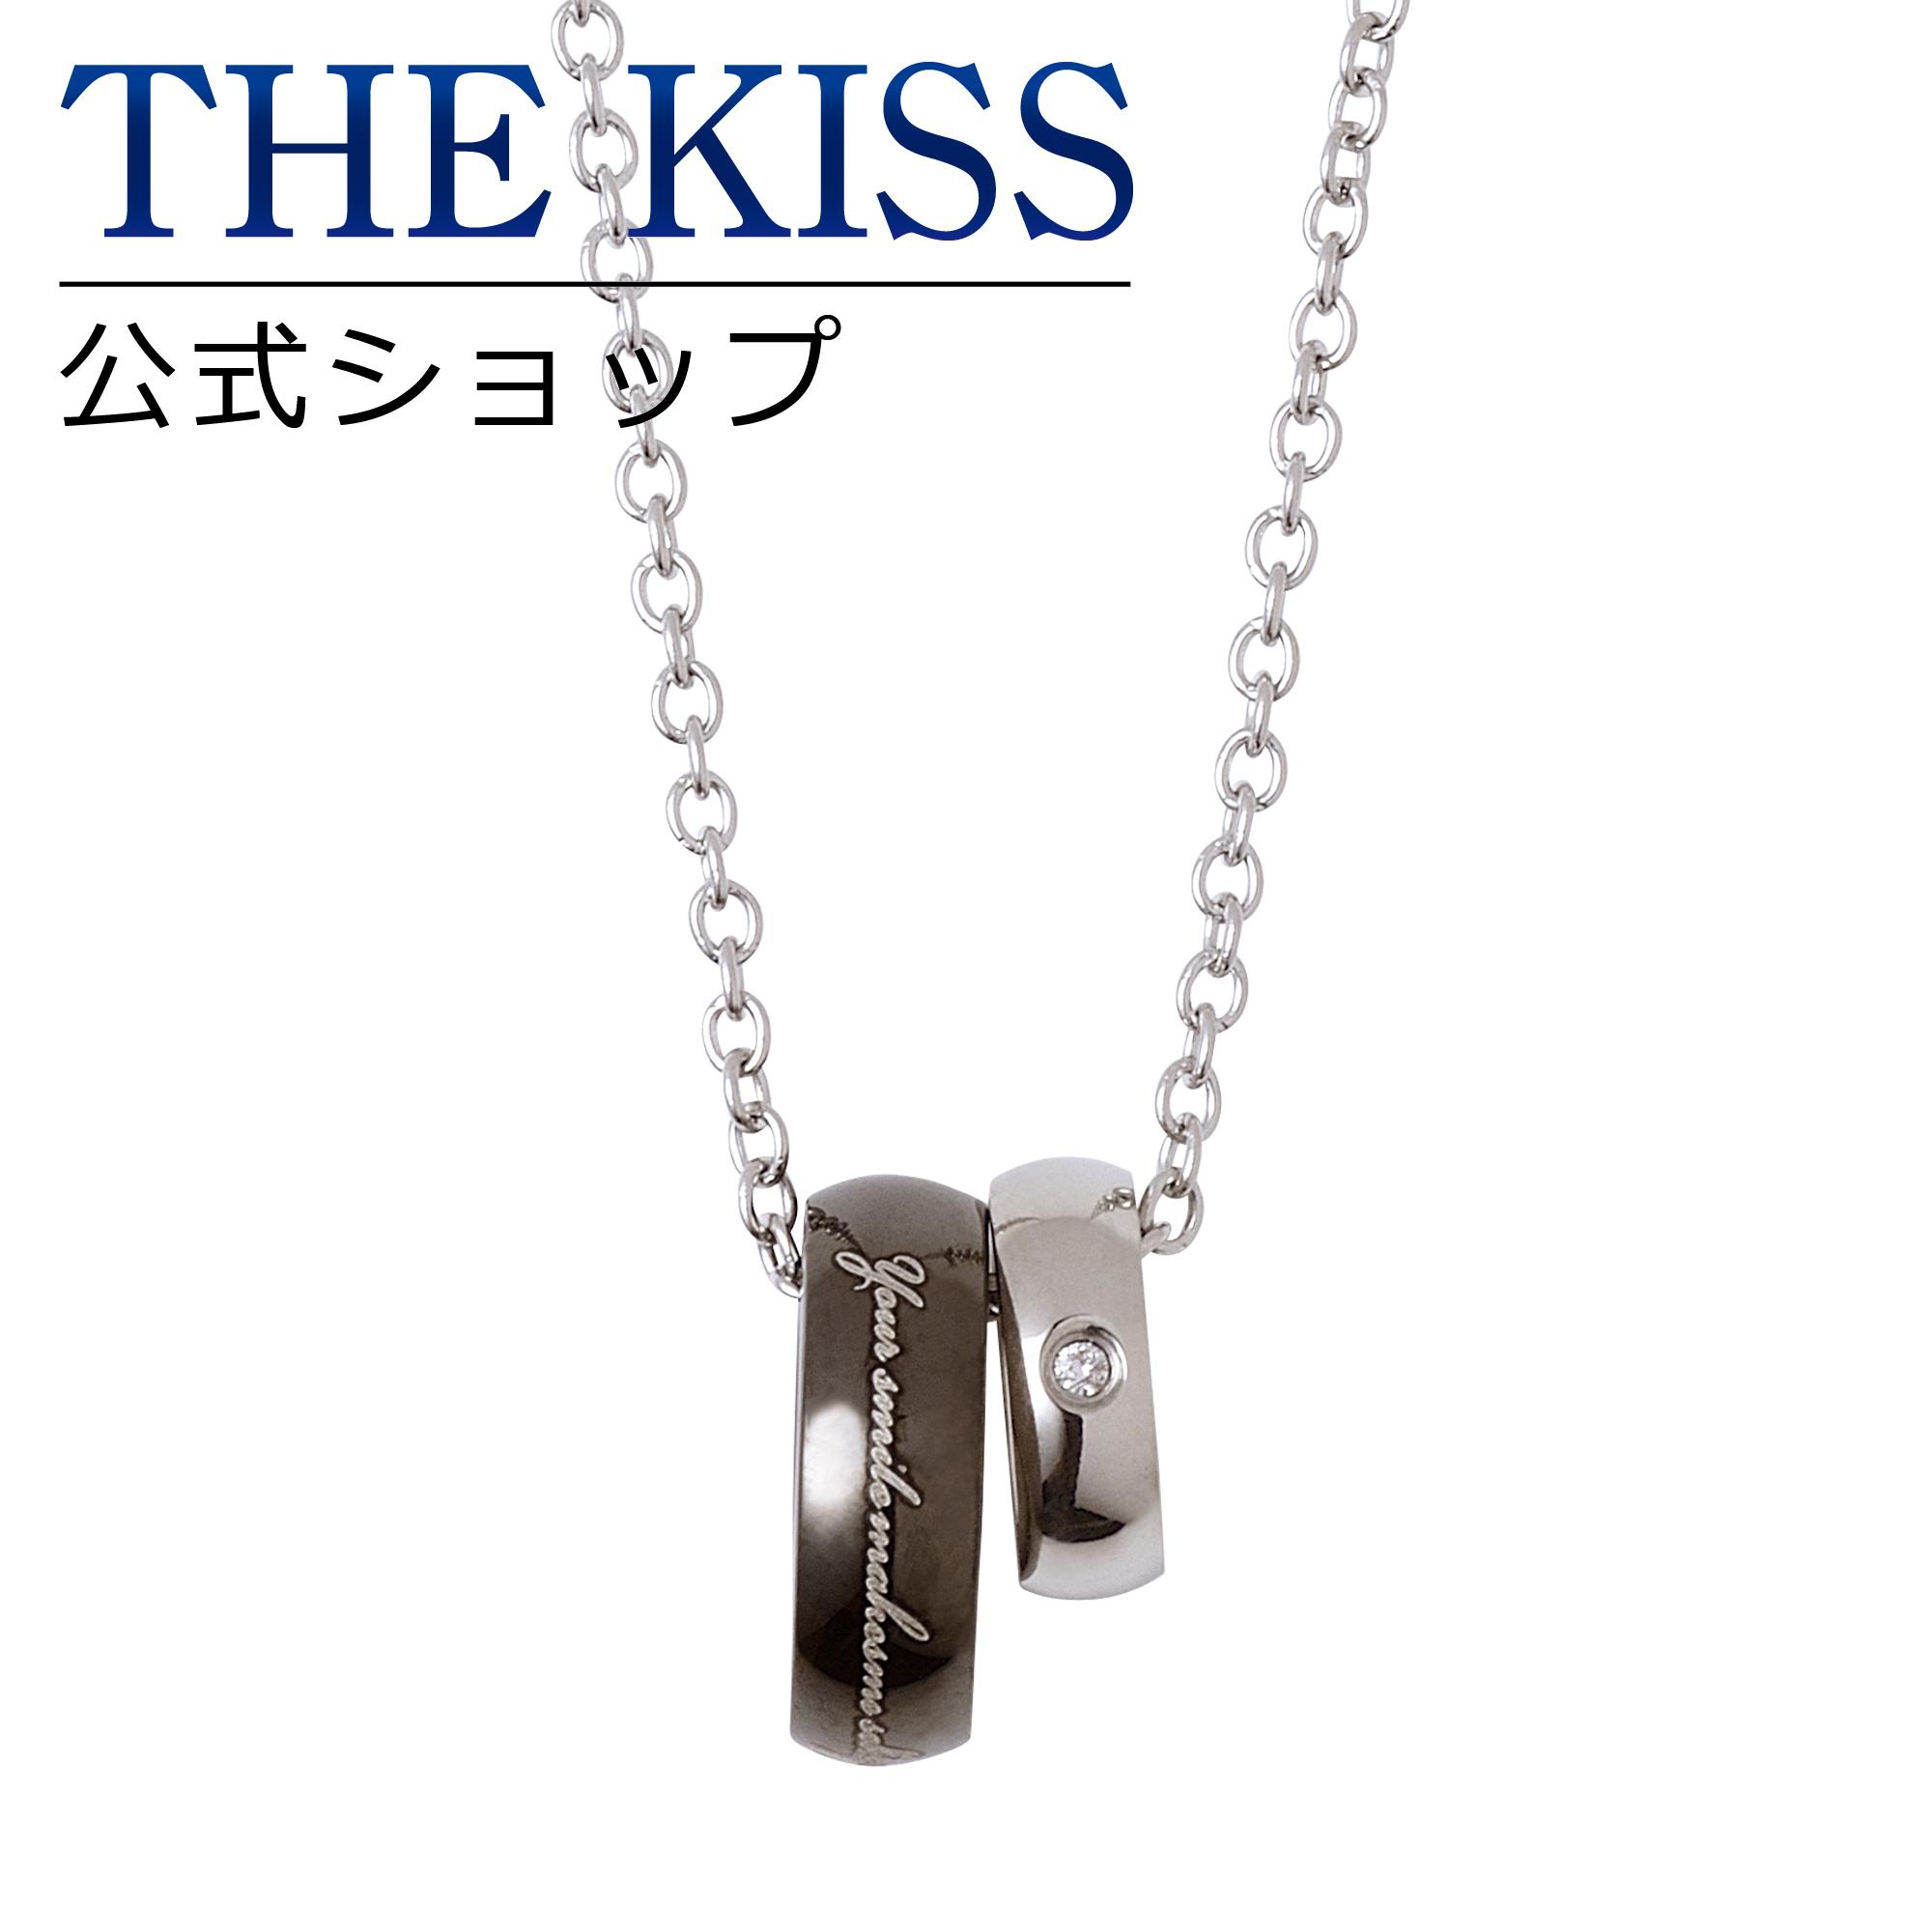 【あす楽対応】THE KISS 公式サイト ステンレス ペアネックレス (メンズ 単品) ペアアクセサリー カップル に 人気 の ジュエリーブランド THEKISS ペア ネックレス・ペンダント 記念日 プレゼント TPD1005BKDM ザキス 【送料無料】